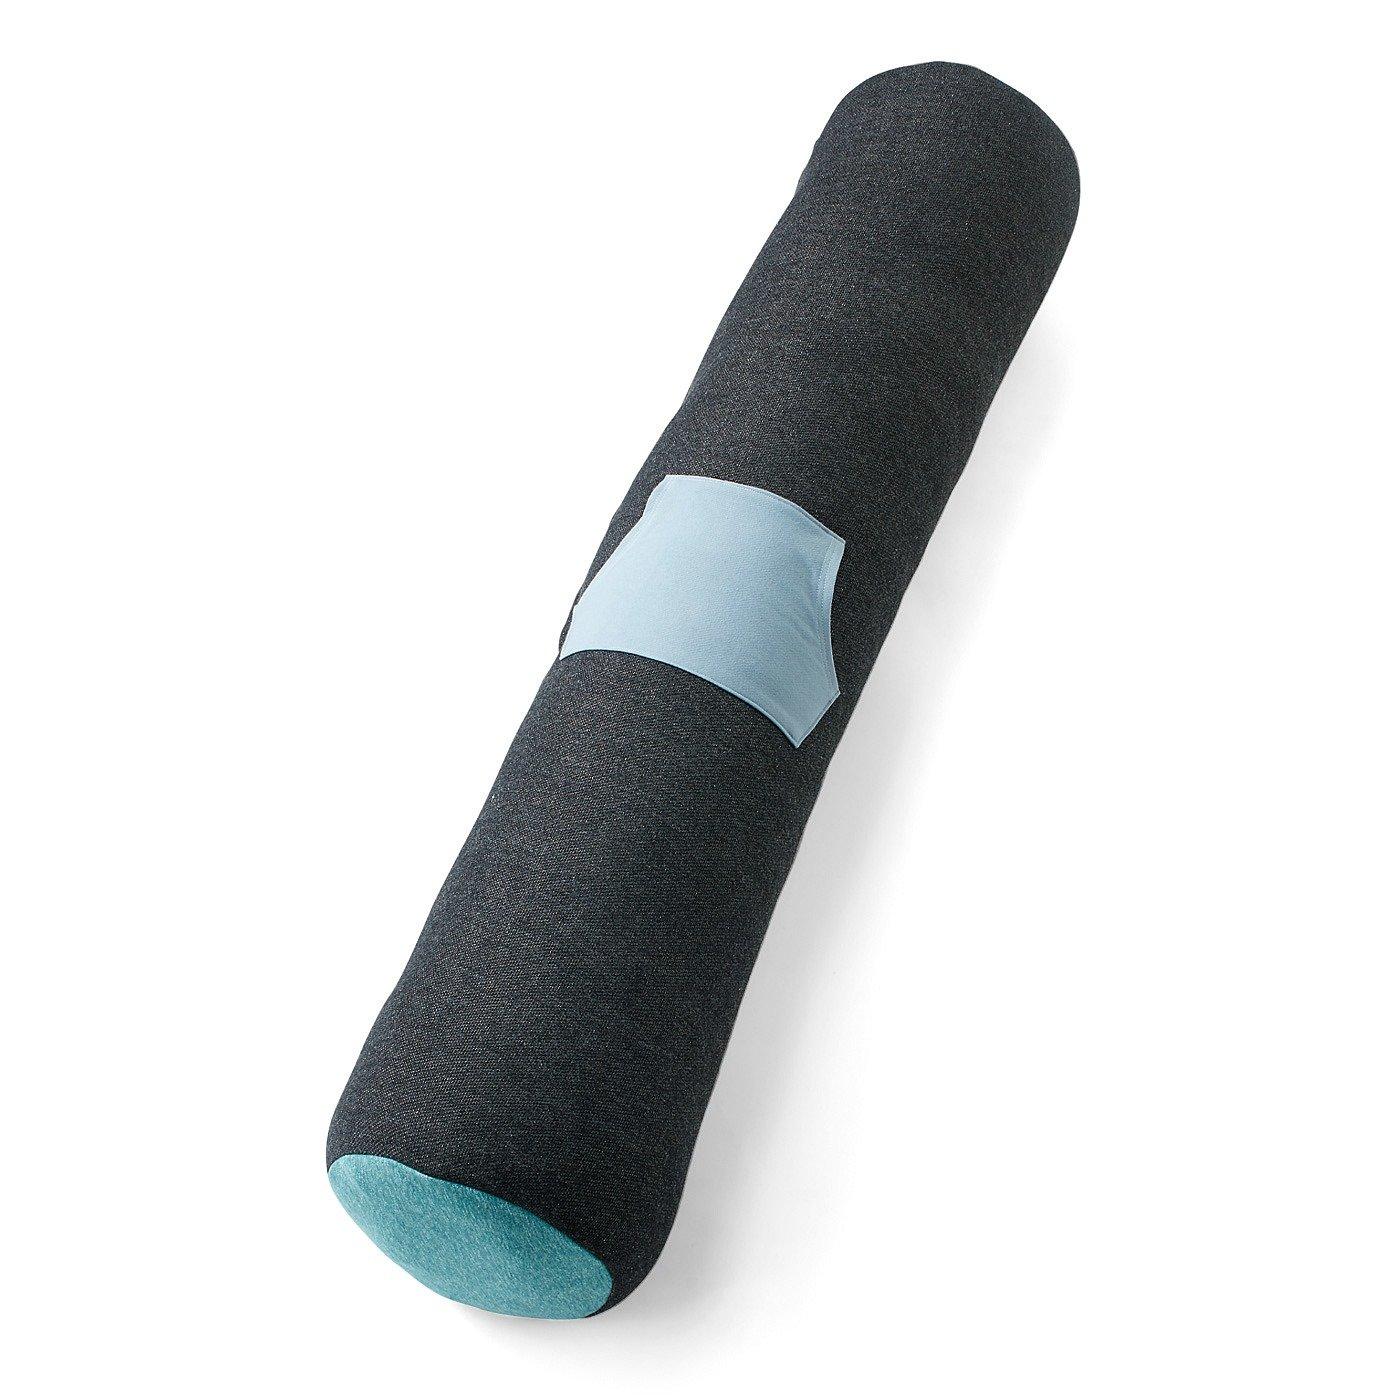 古着屋さんで見つけたようなやわらか裏毛の布団収納抱き枕カバーの会